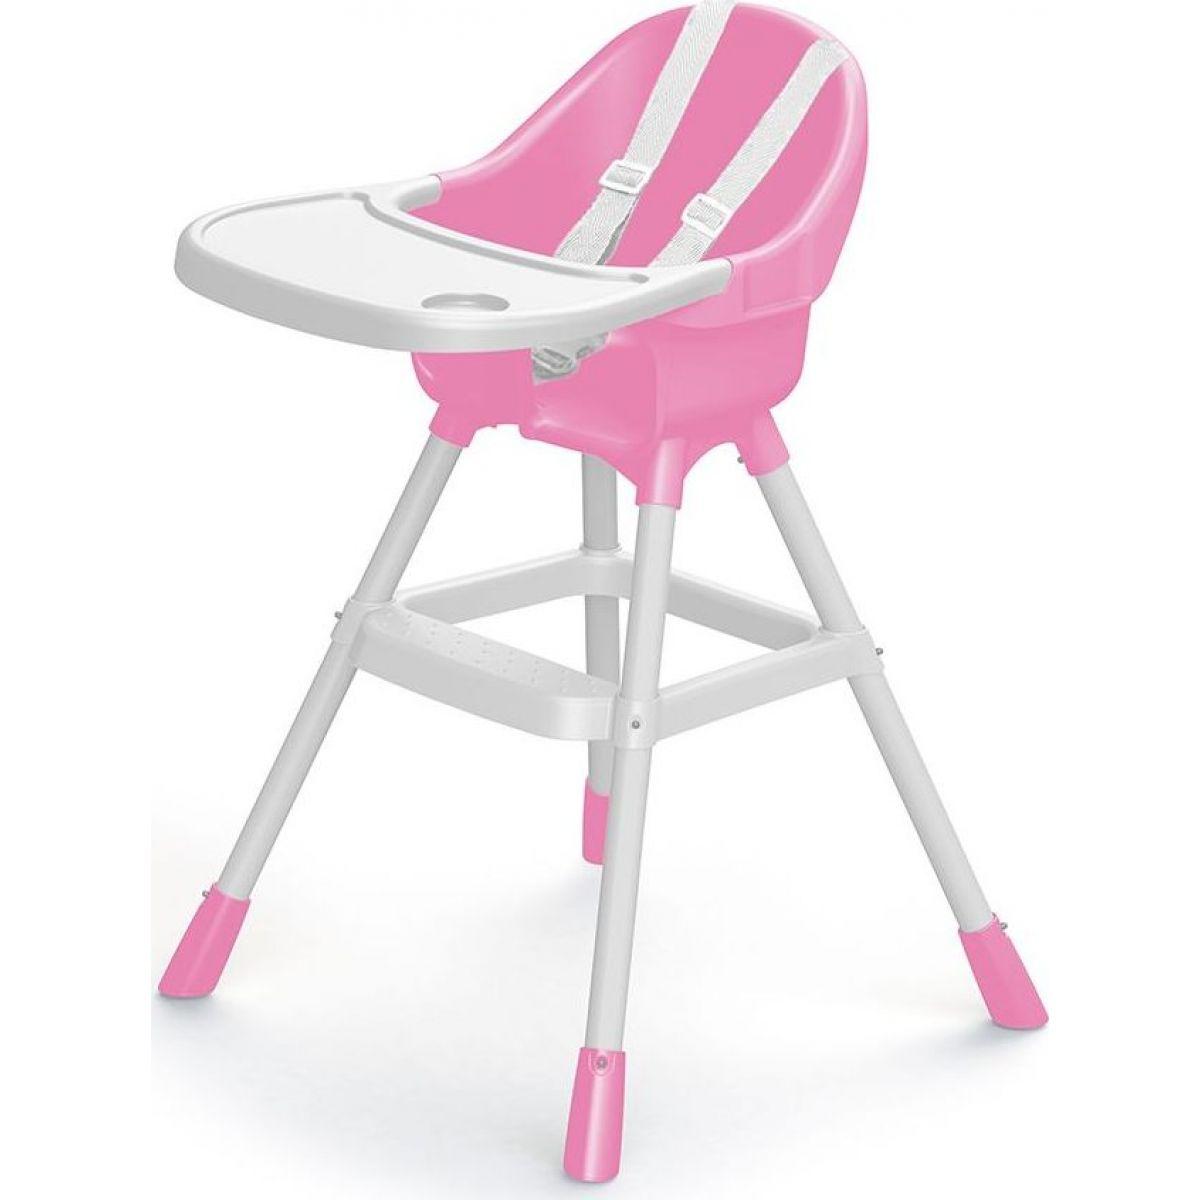 Dolu Dětská jídelní židlička růžová